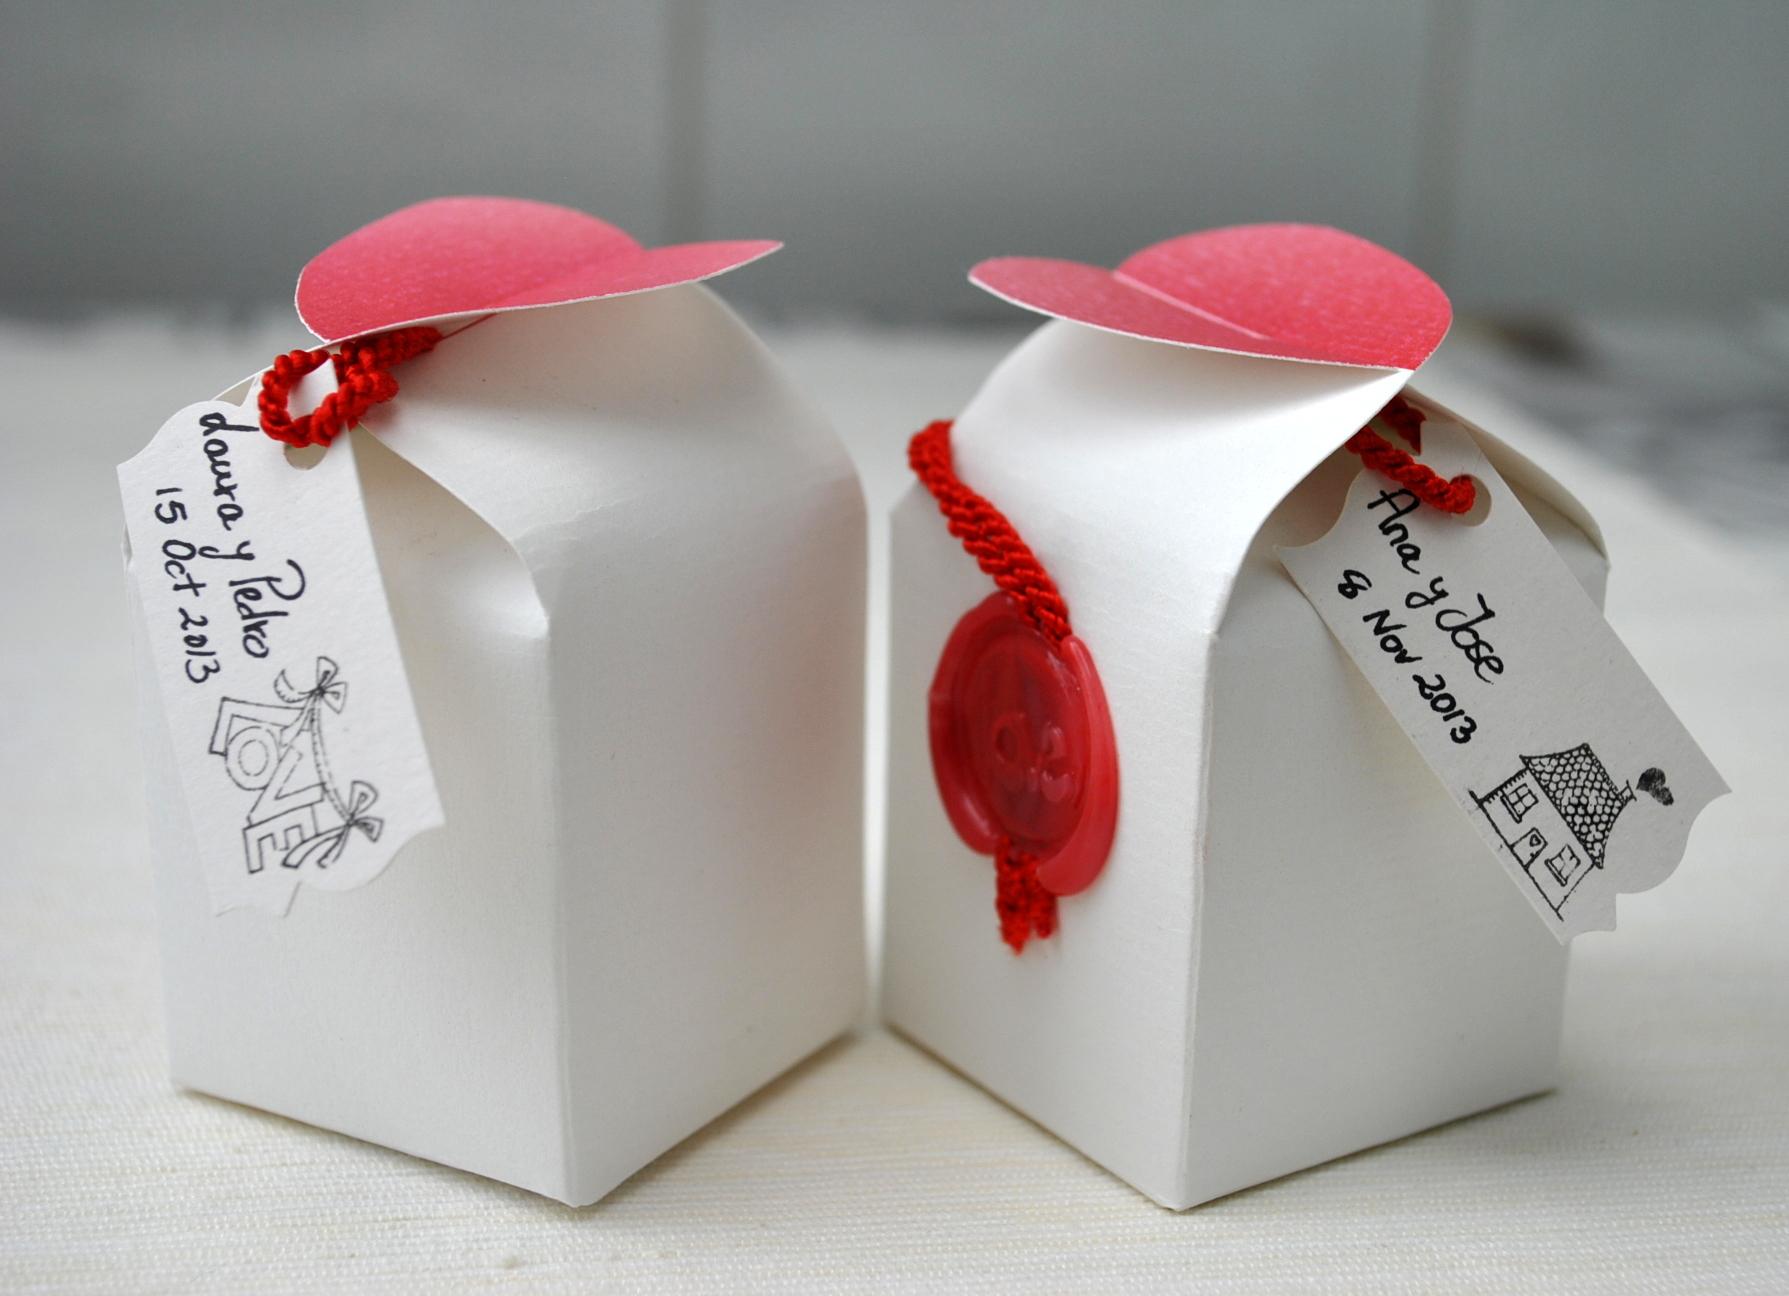 Las mermeladas artesanales para bodas de La Natural